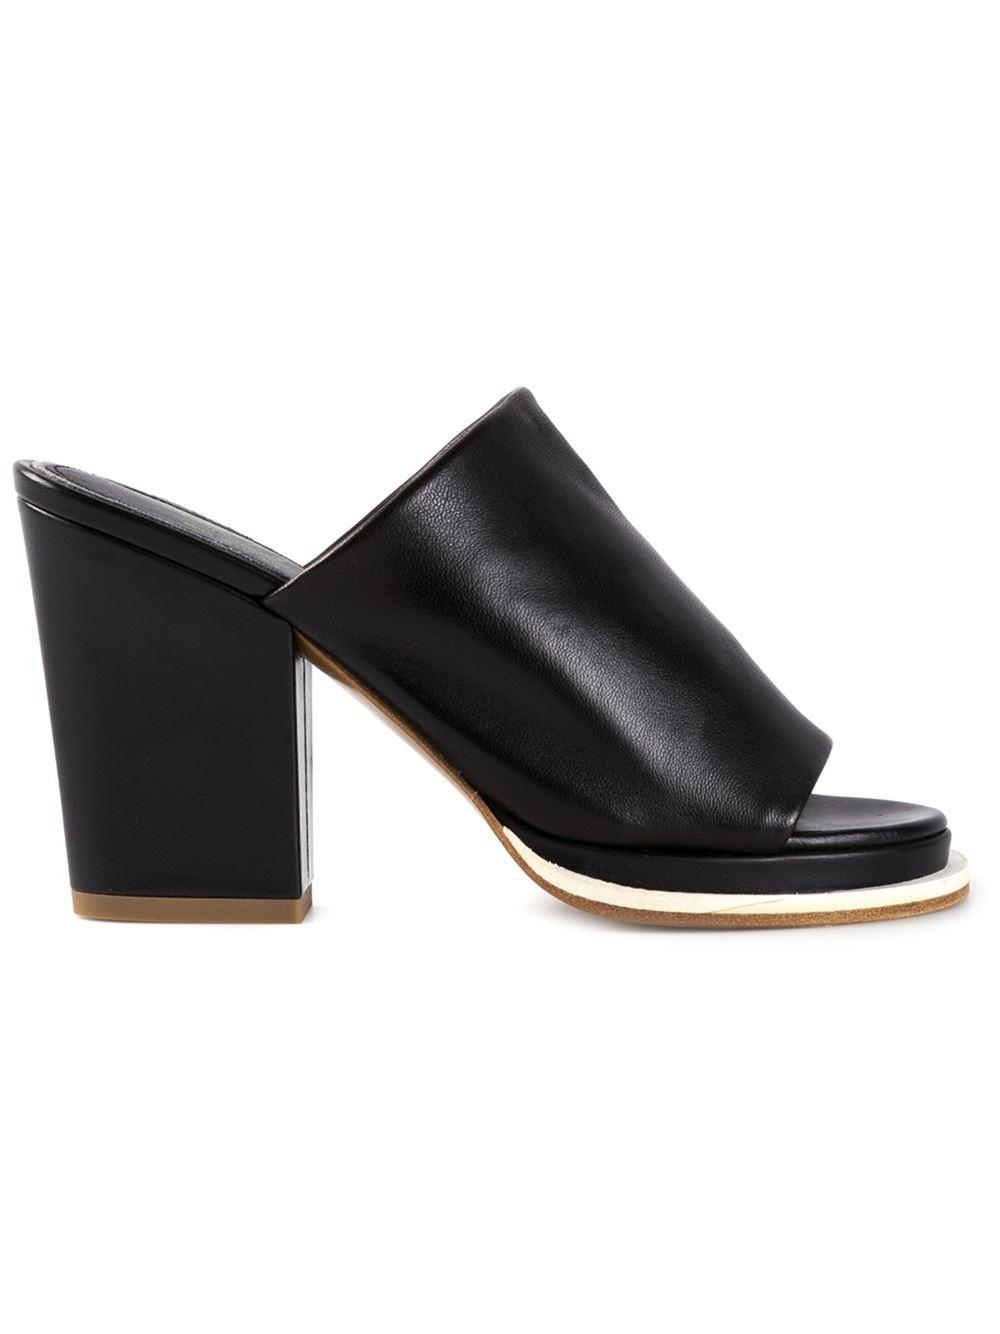 Clergerie Shoes Sale